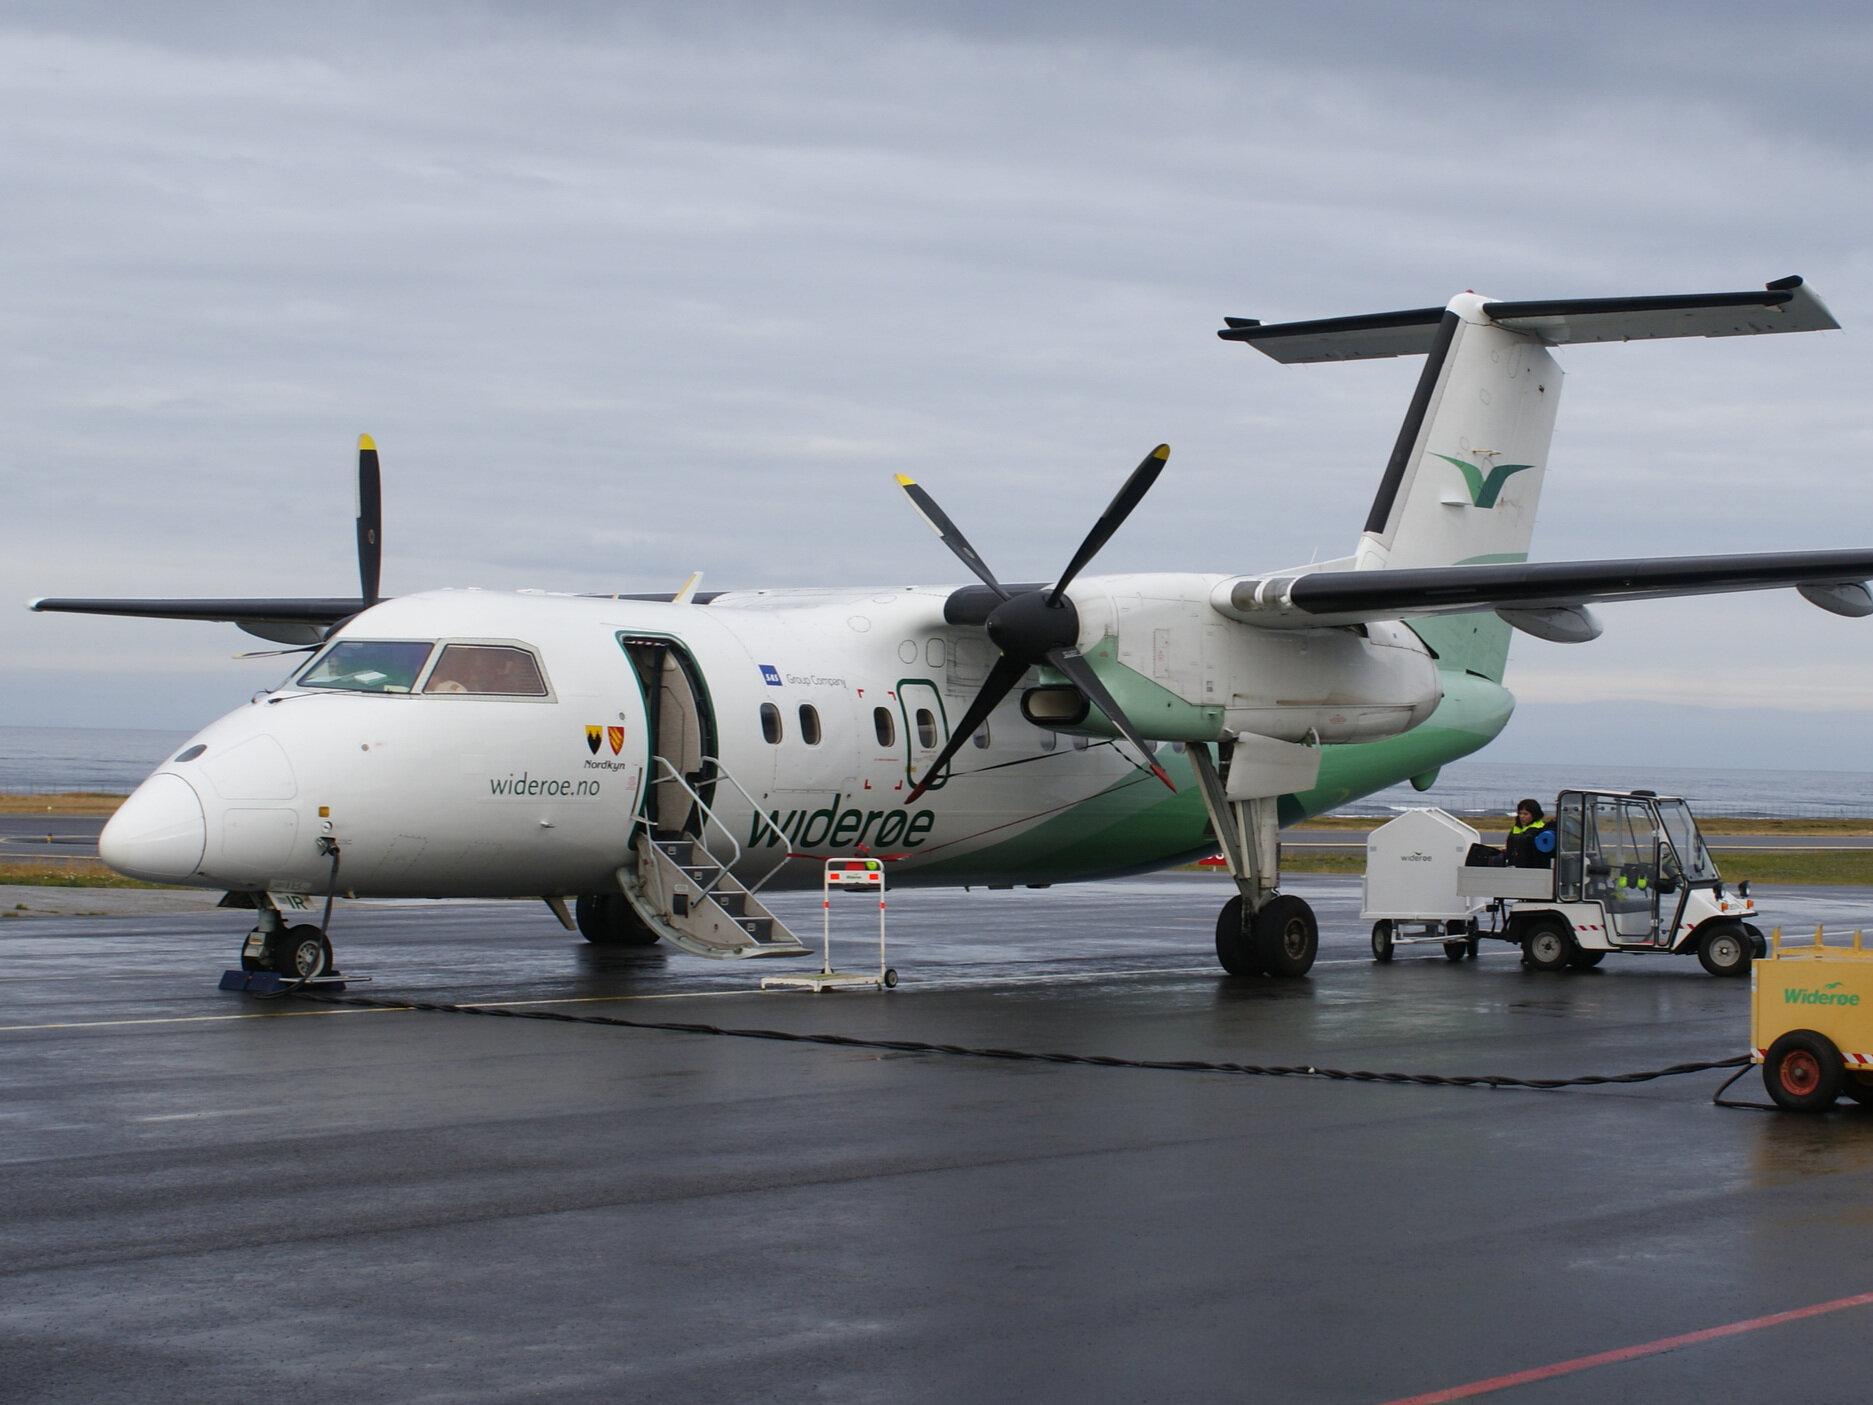 Fly - WiderøeFlyplassen ligg kun 20 min frå Sogndal sentrum, så ein enkel og rask måte å ta seg hit er med fly. Fleire avgangar dagleg med Widerøe.